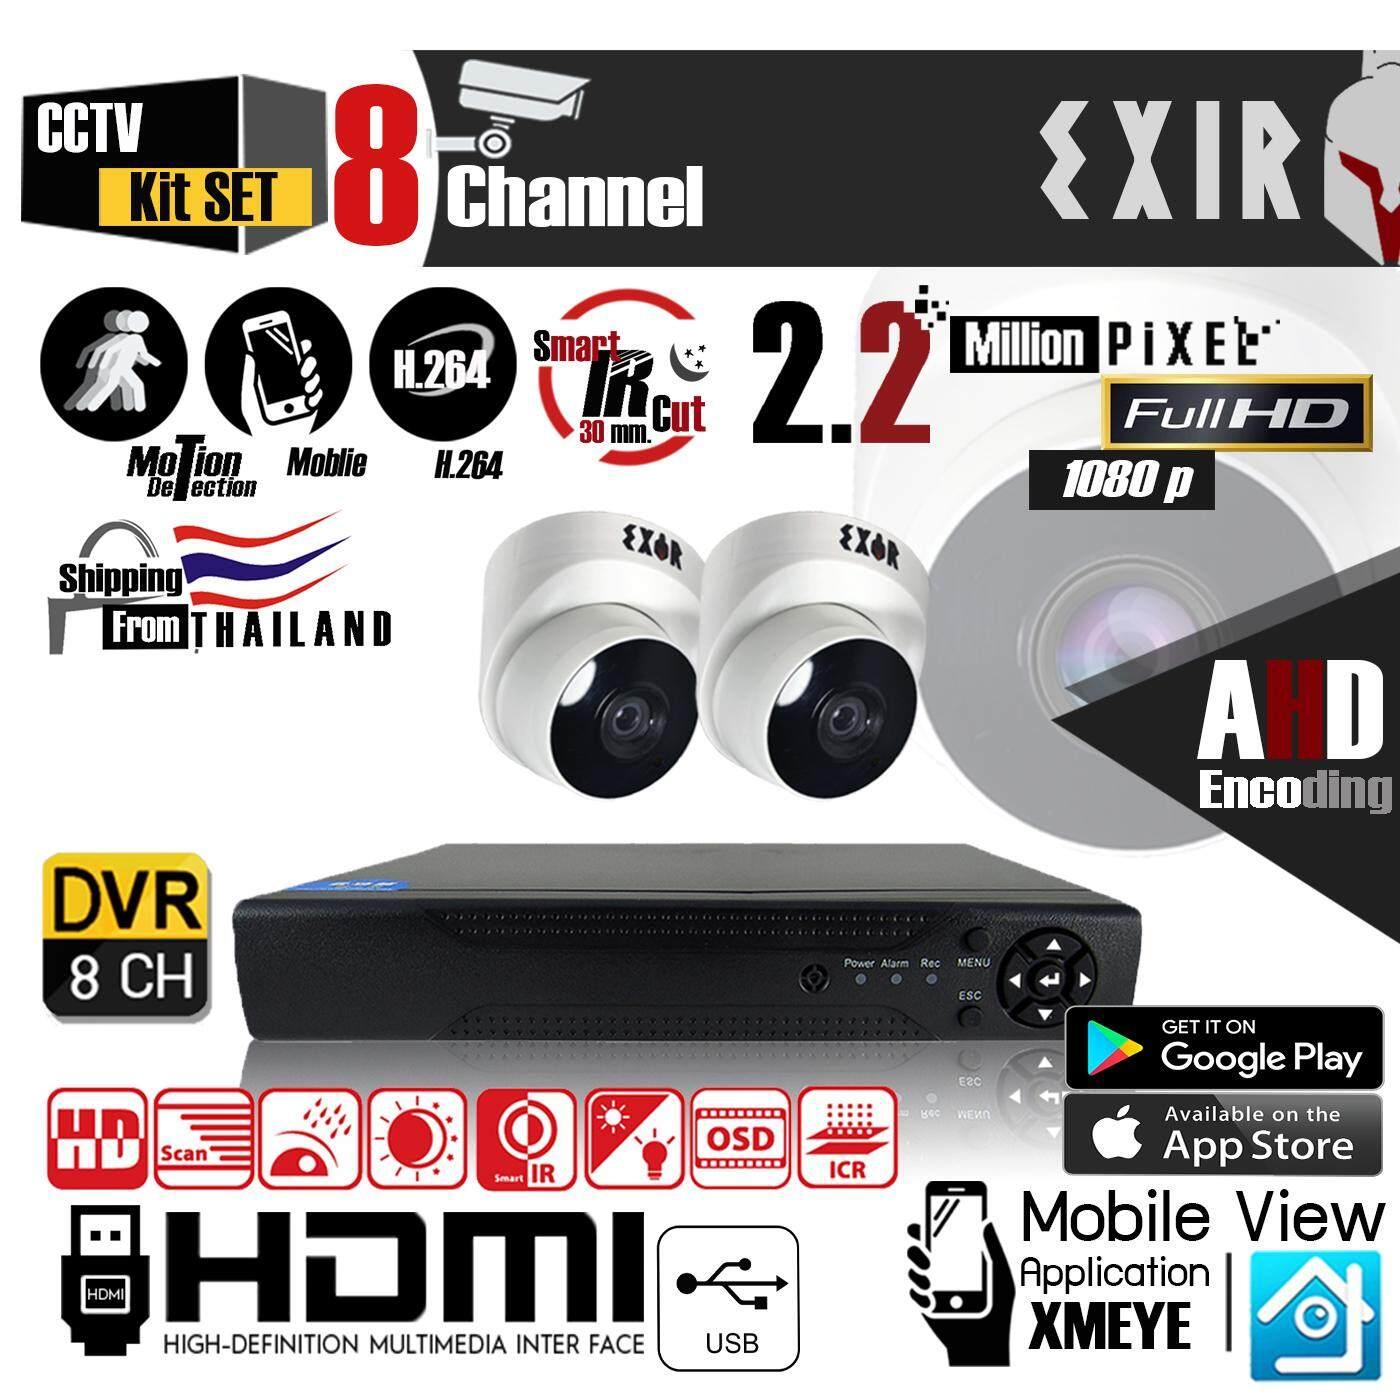 เห็นผลจริง ชุดกล้องวงจรปิด EXIR 8CH AHD CCTV Kit Set. กล้อง 2 ตัว ทรงโดม(OEM) 2.2 MP New 2018 Model Full HD 1080p เลนส์ 4mm และ เครื่องบันทึกภาพ DVR Full HD 1080p 8 Channel+ฟรีอะแดปเตอร์ ทนทานคุ้มค่า